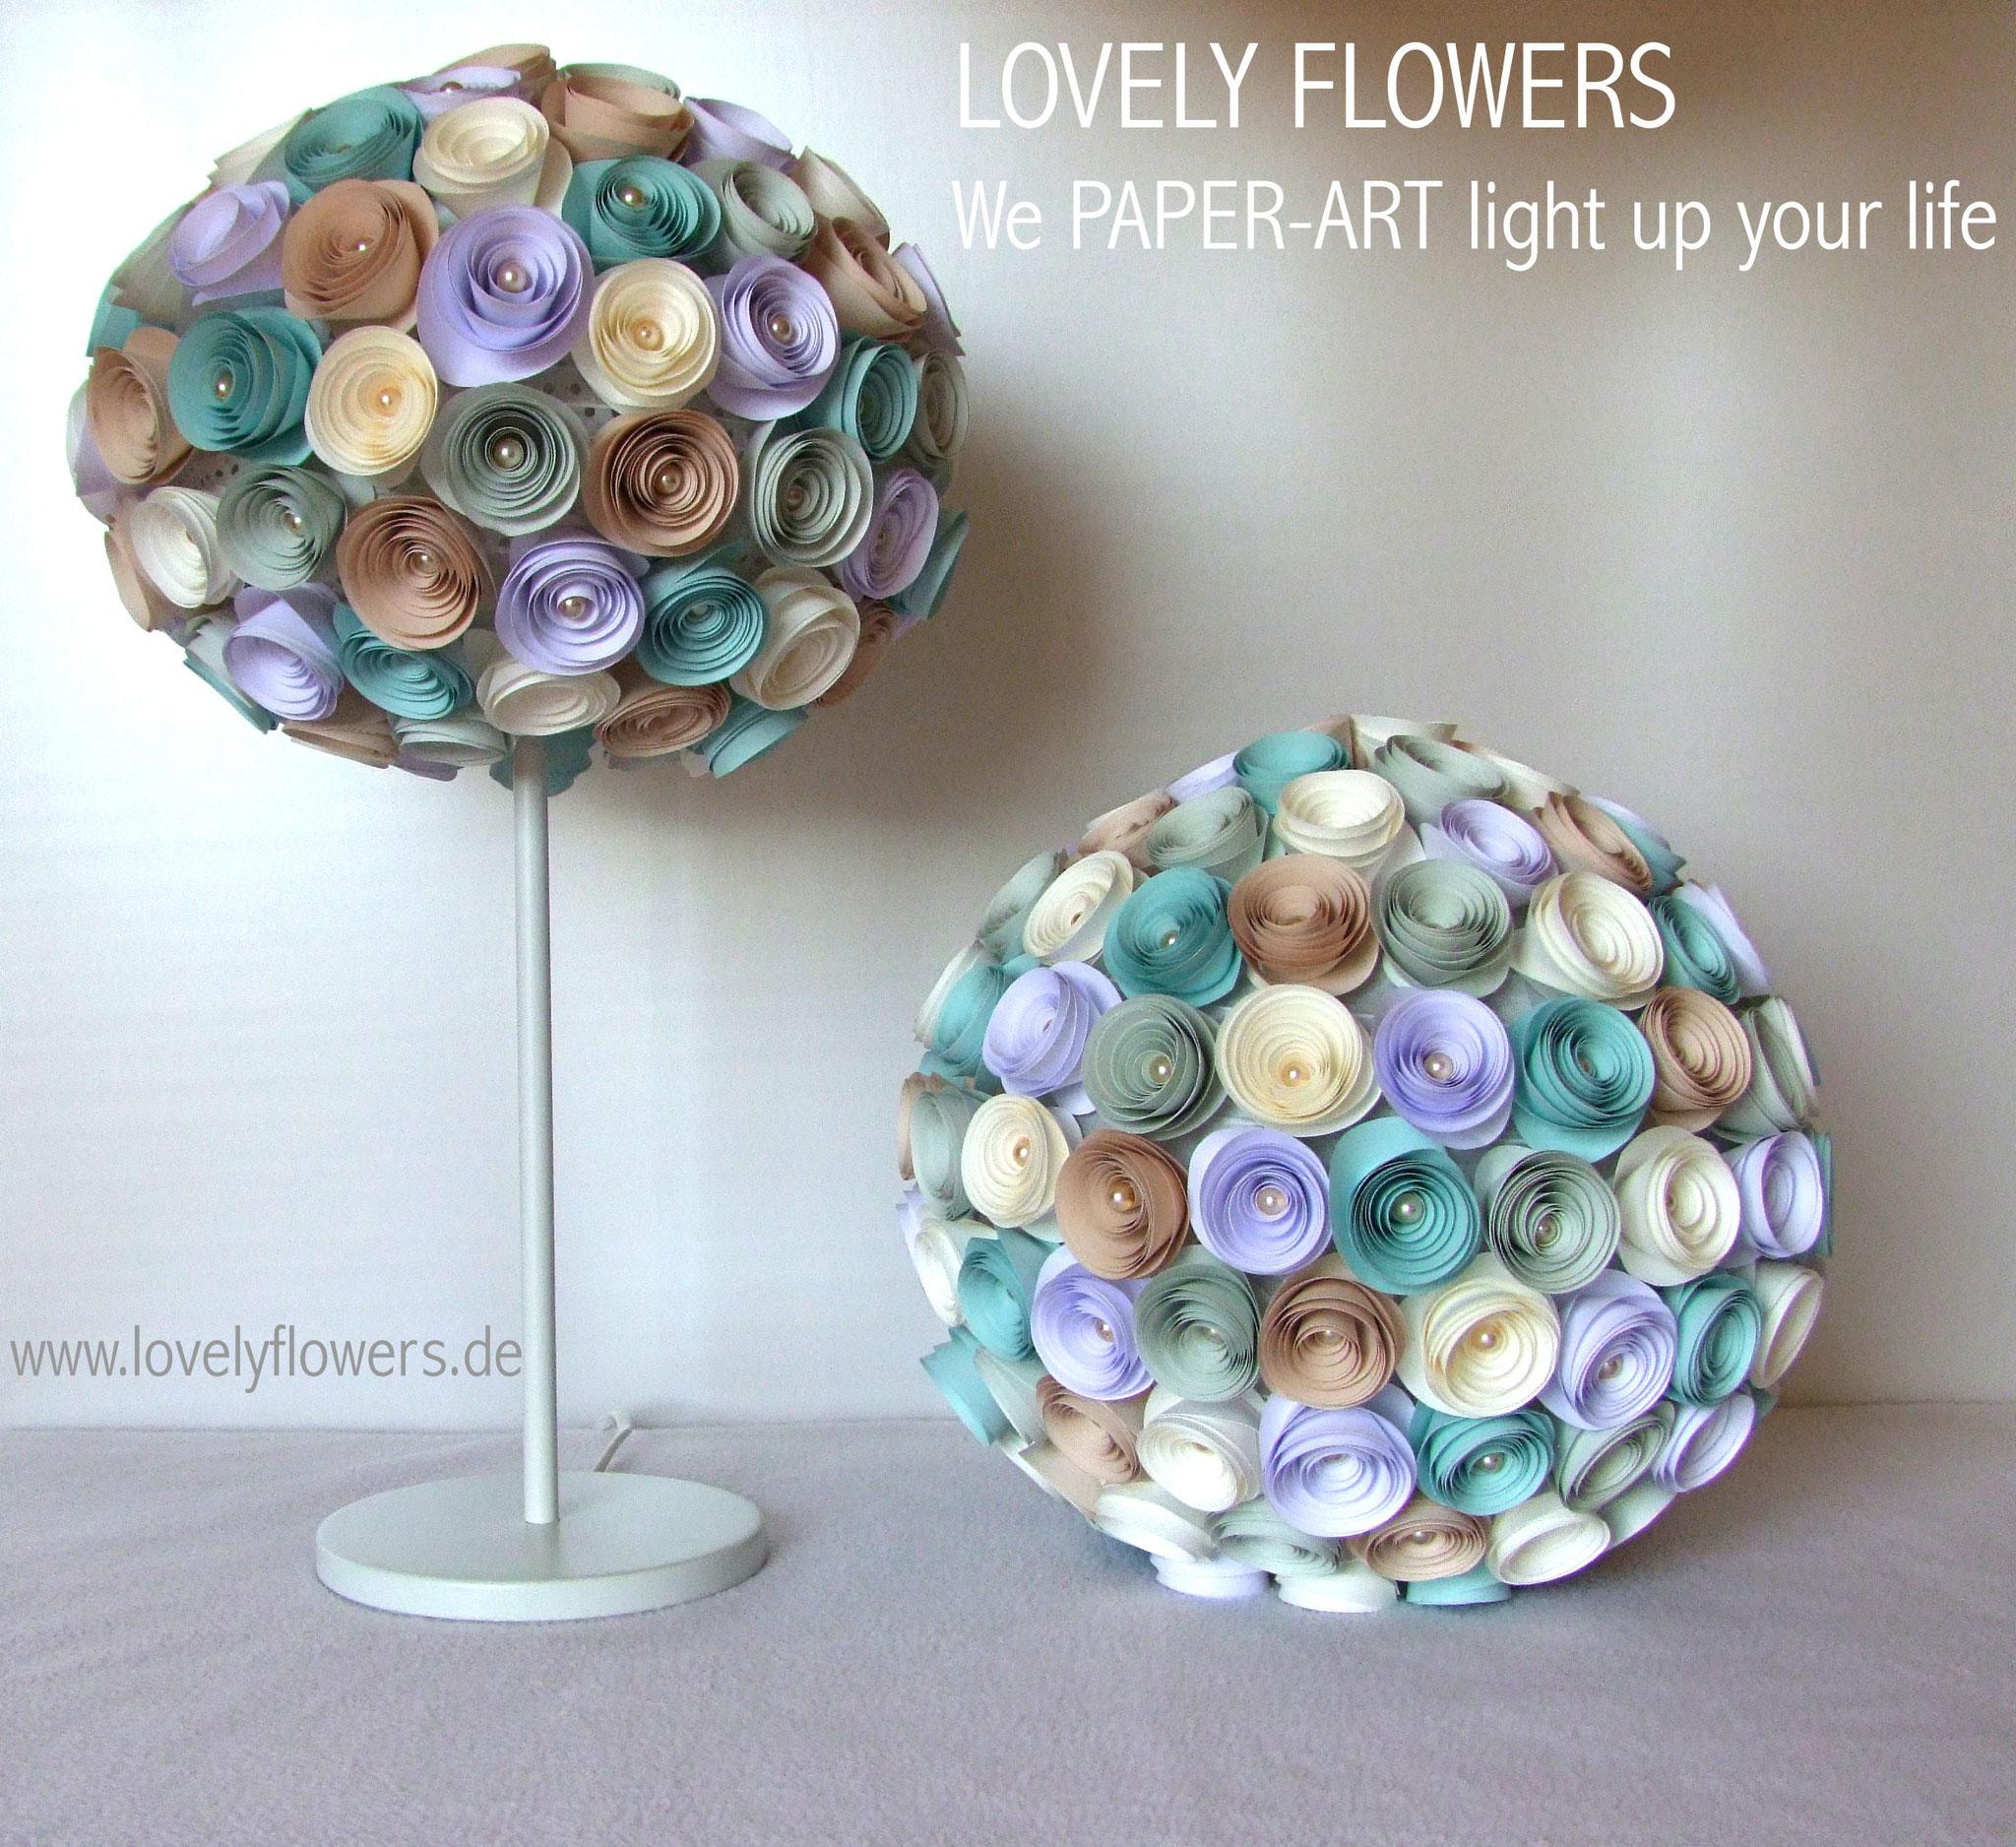 www.lovelyflowers.de - Paper Art Lampen gibts auch als Sets!